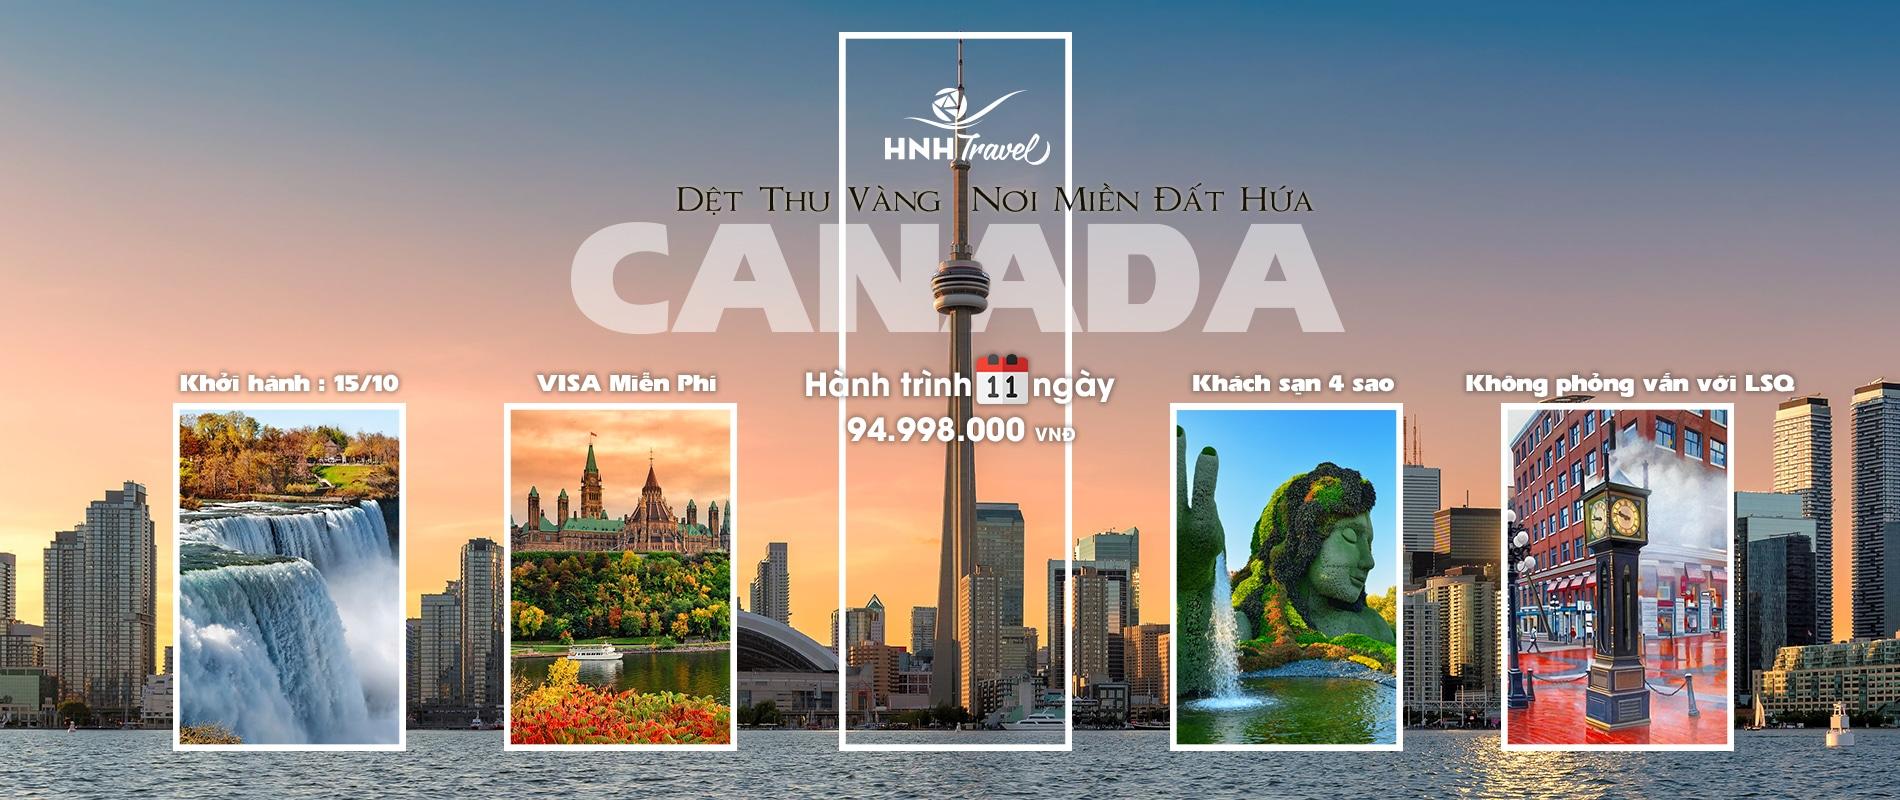 Tour Canada đặc biệt - 11 Ngày